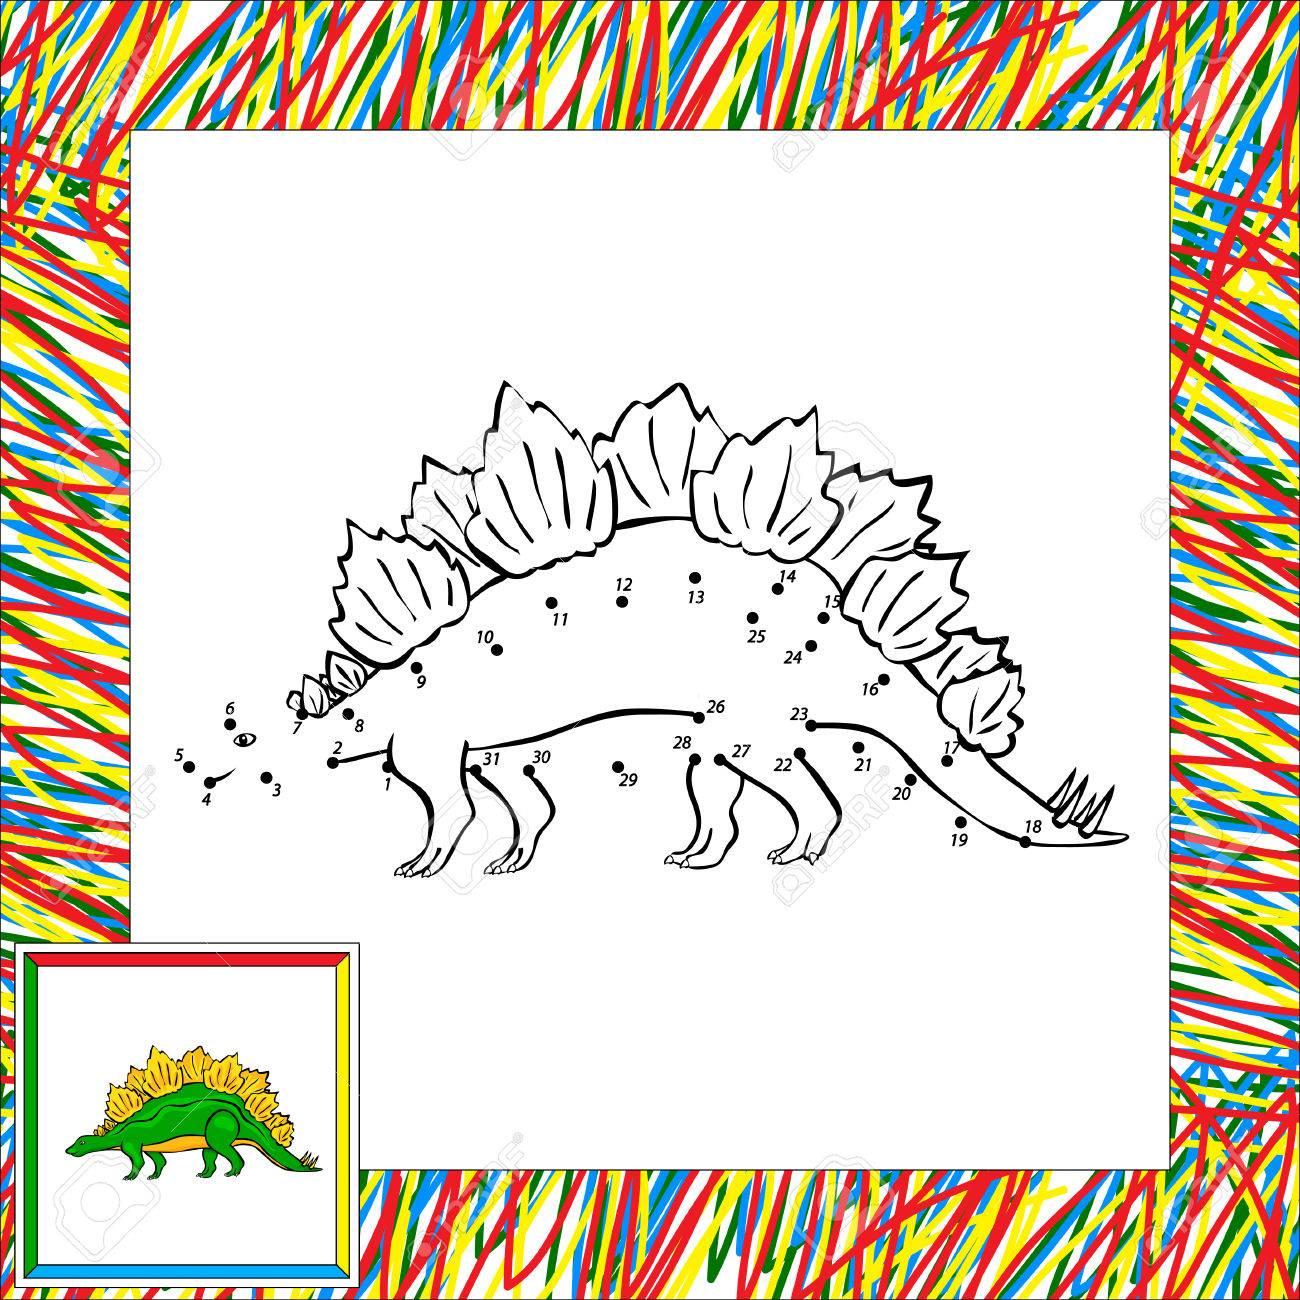 Stegosaure Drole De Dessin Anime Livre A Colorier Pour Les